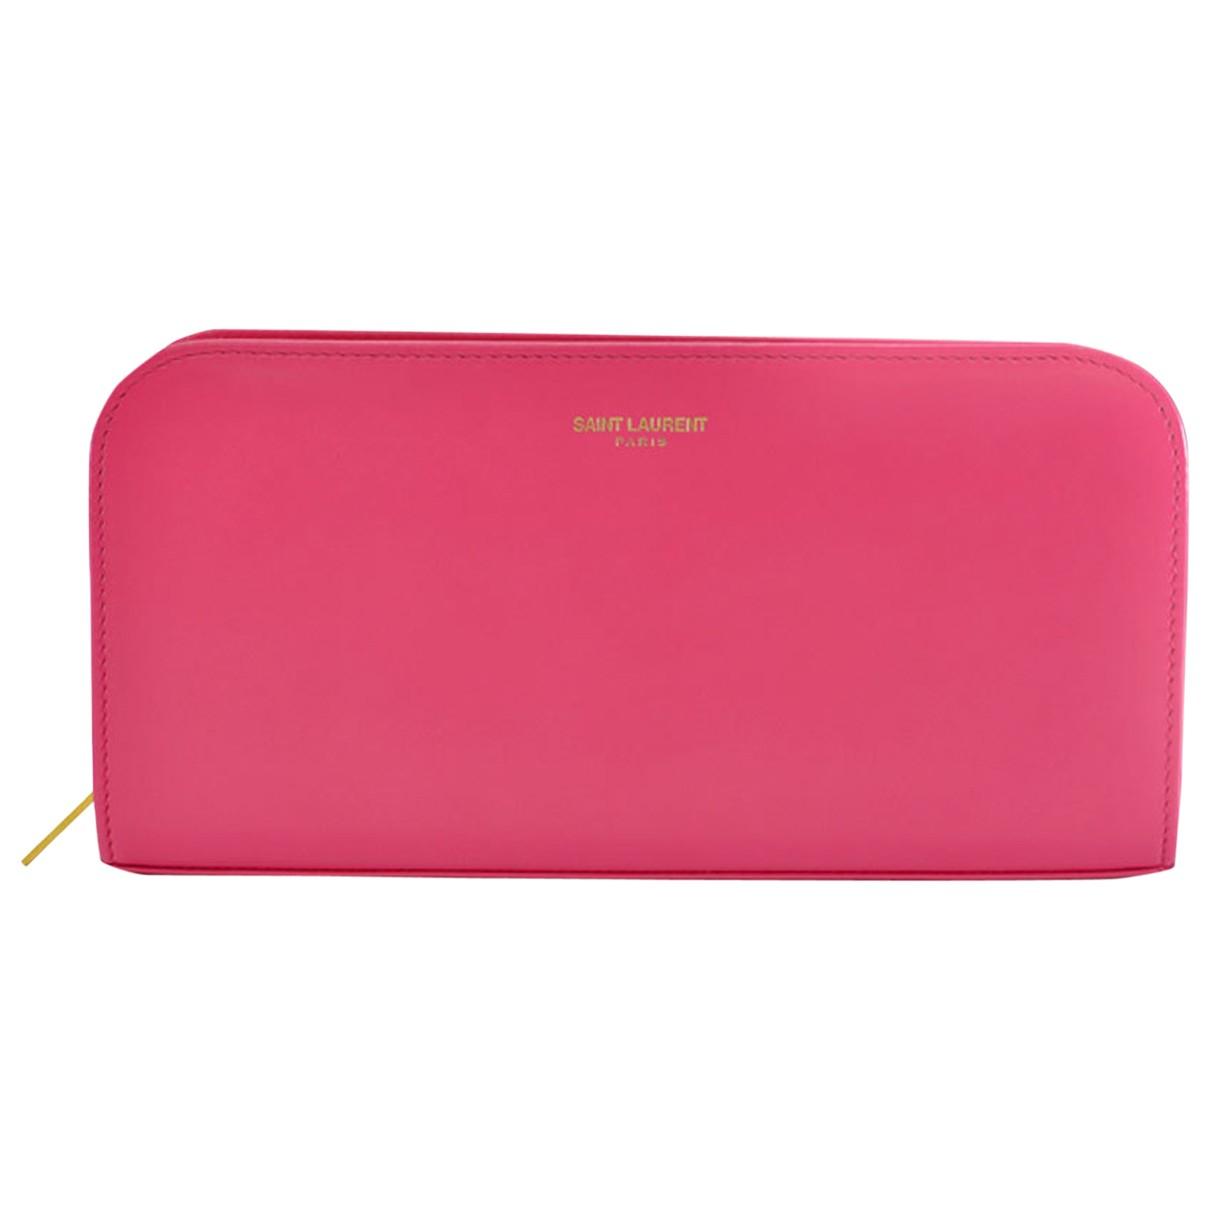 Saint Laurent - Portefeuille   pour femme en cuir - rose